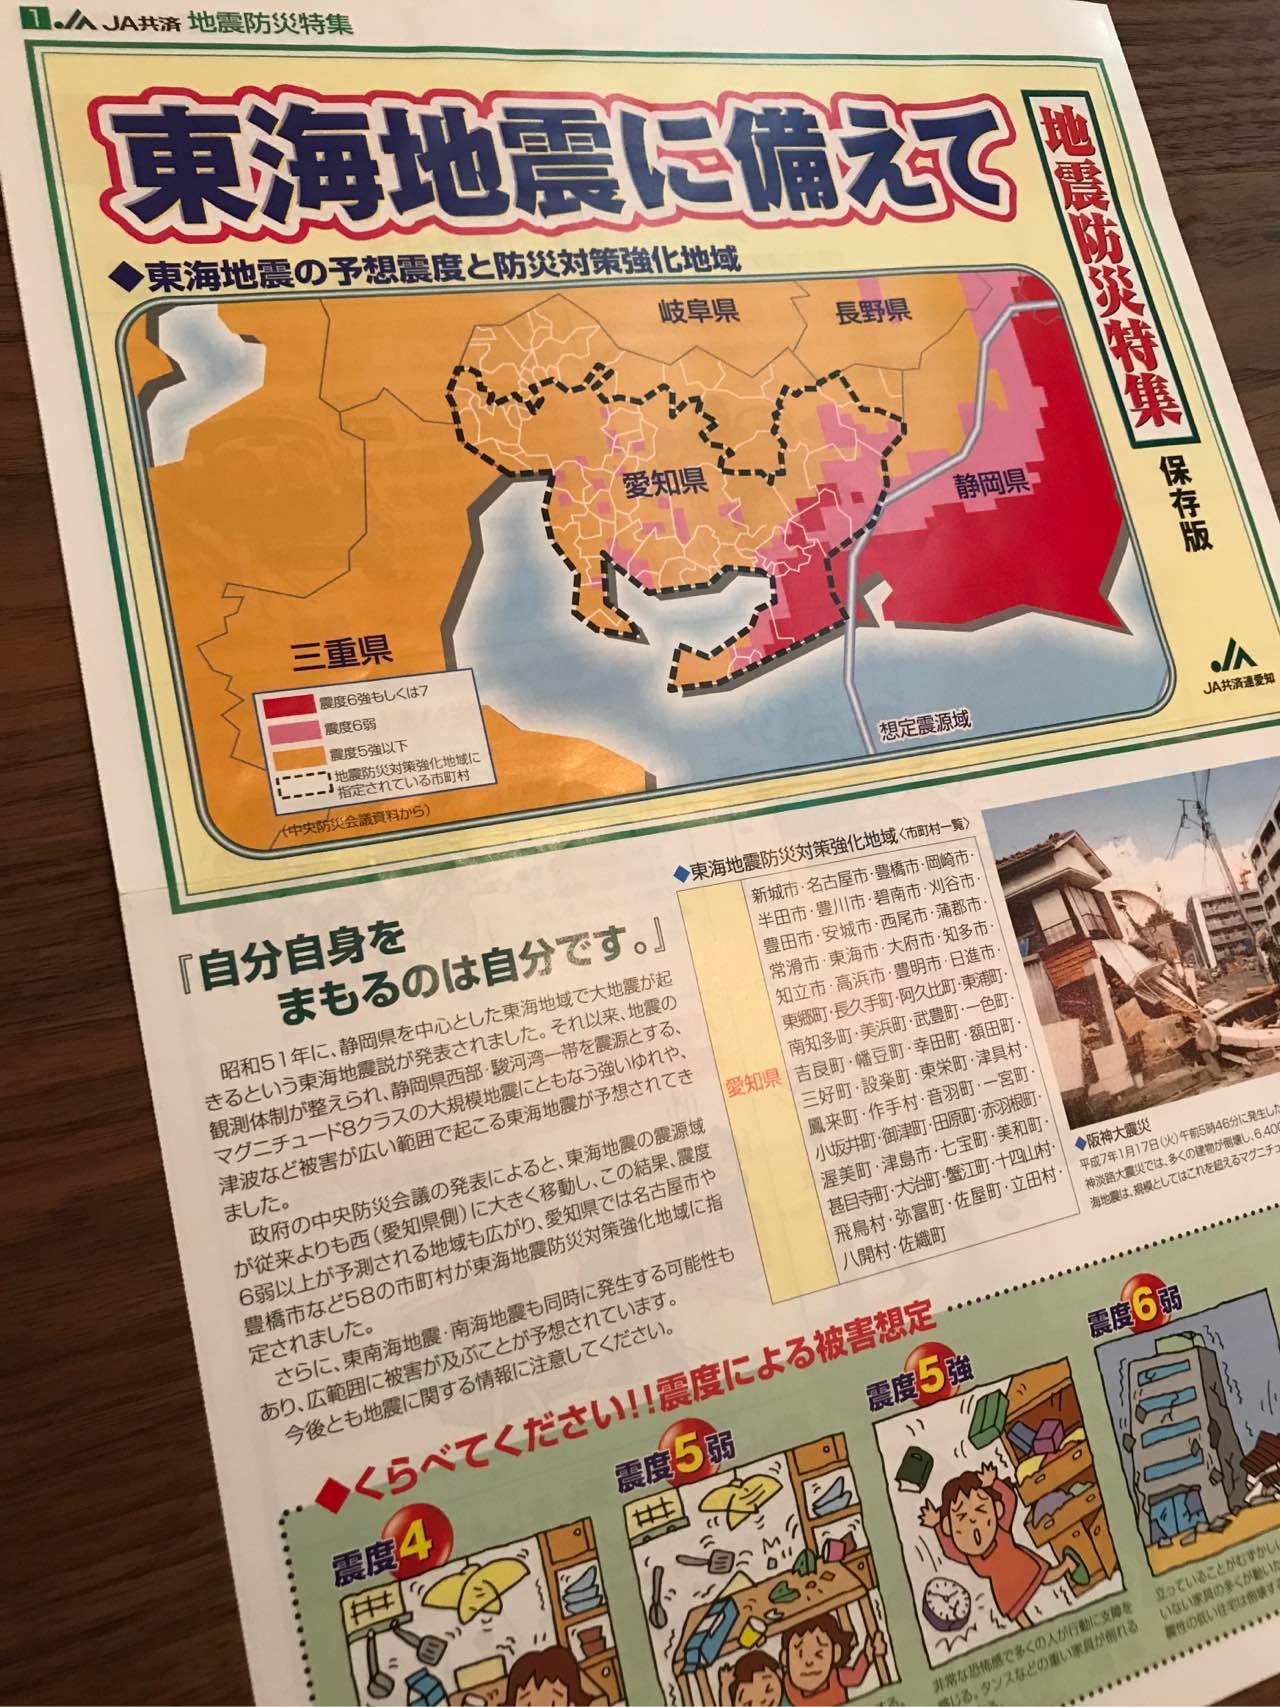 JA共済連愛知 地震防災特集。たぶん10年ぐらい前の資料。 https://t.co/cDneE3LFR8